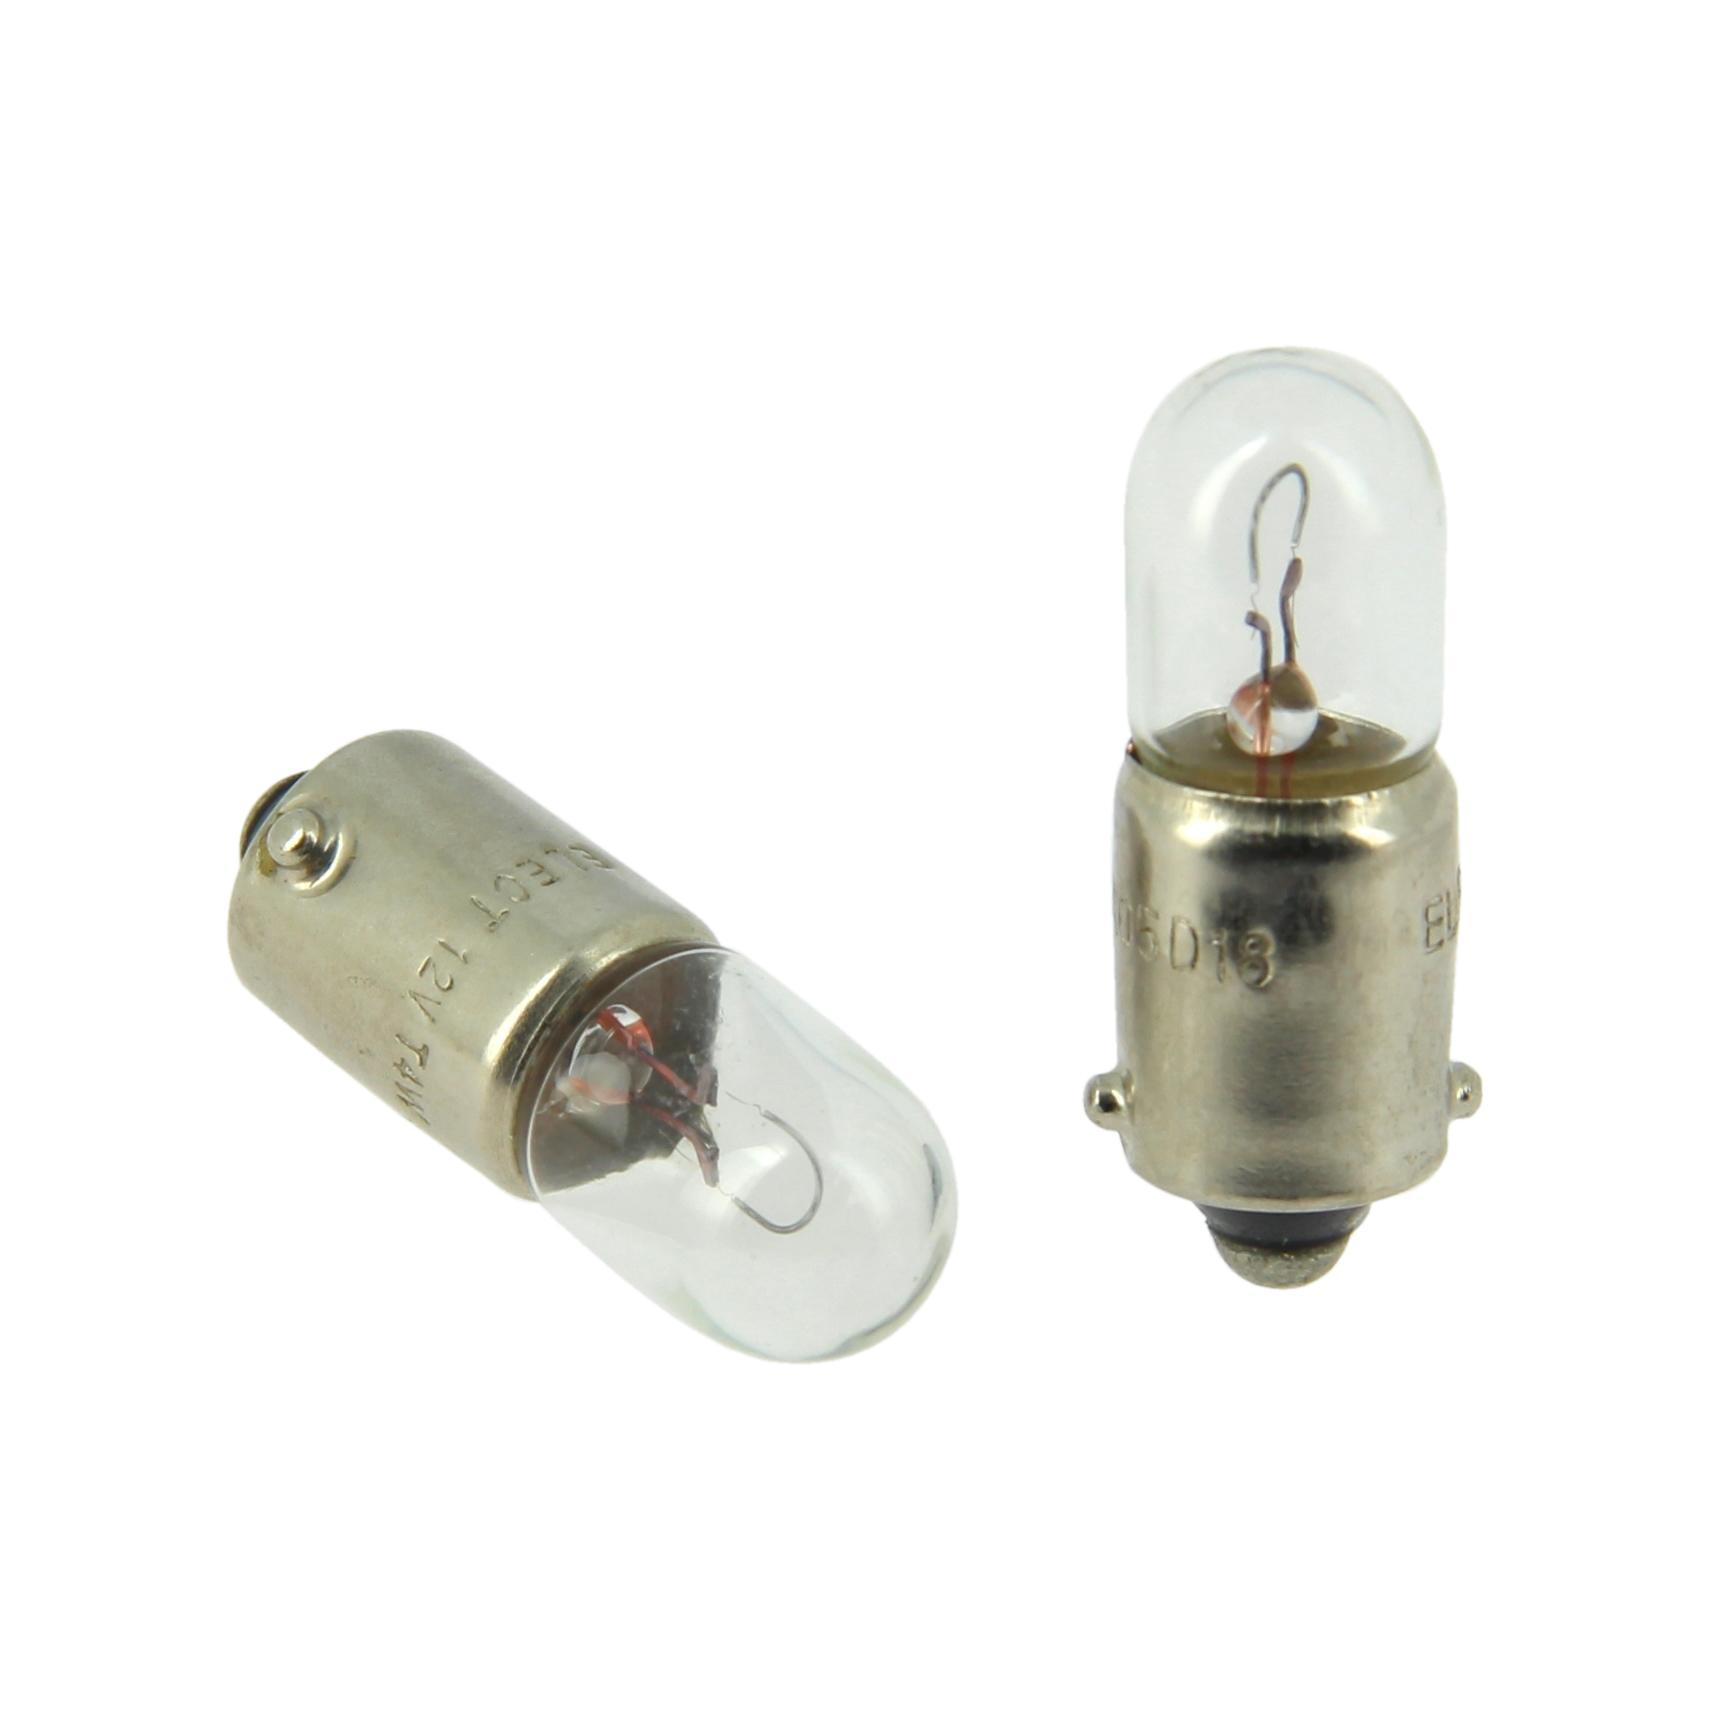 Lámpara, luces intermitentes / posición 132325 XL 132325 en calidad original